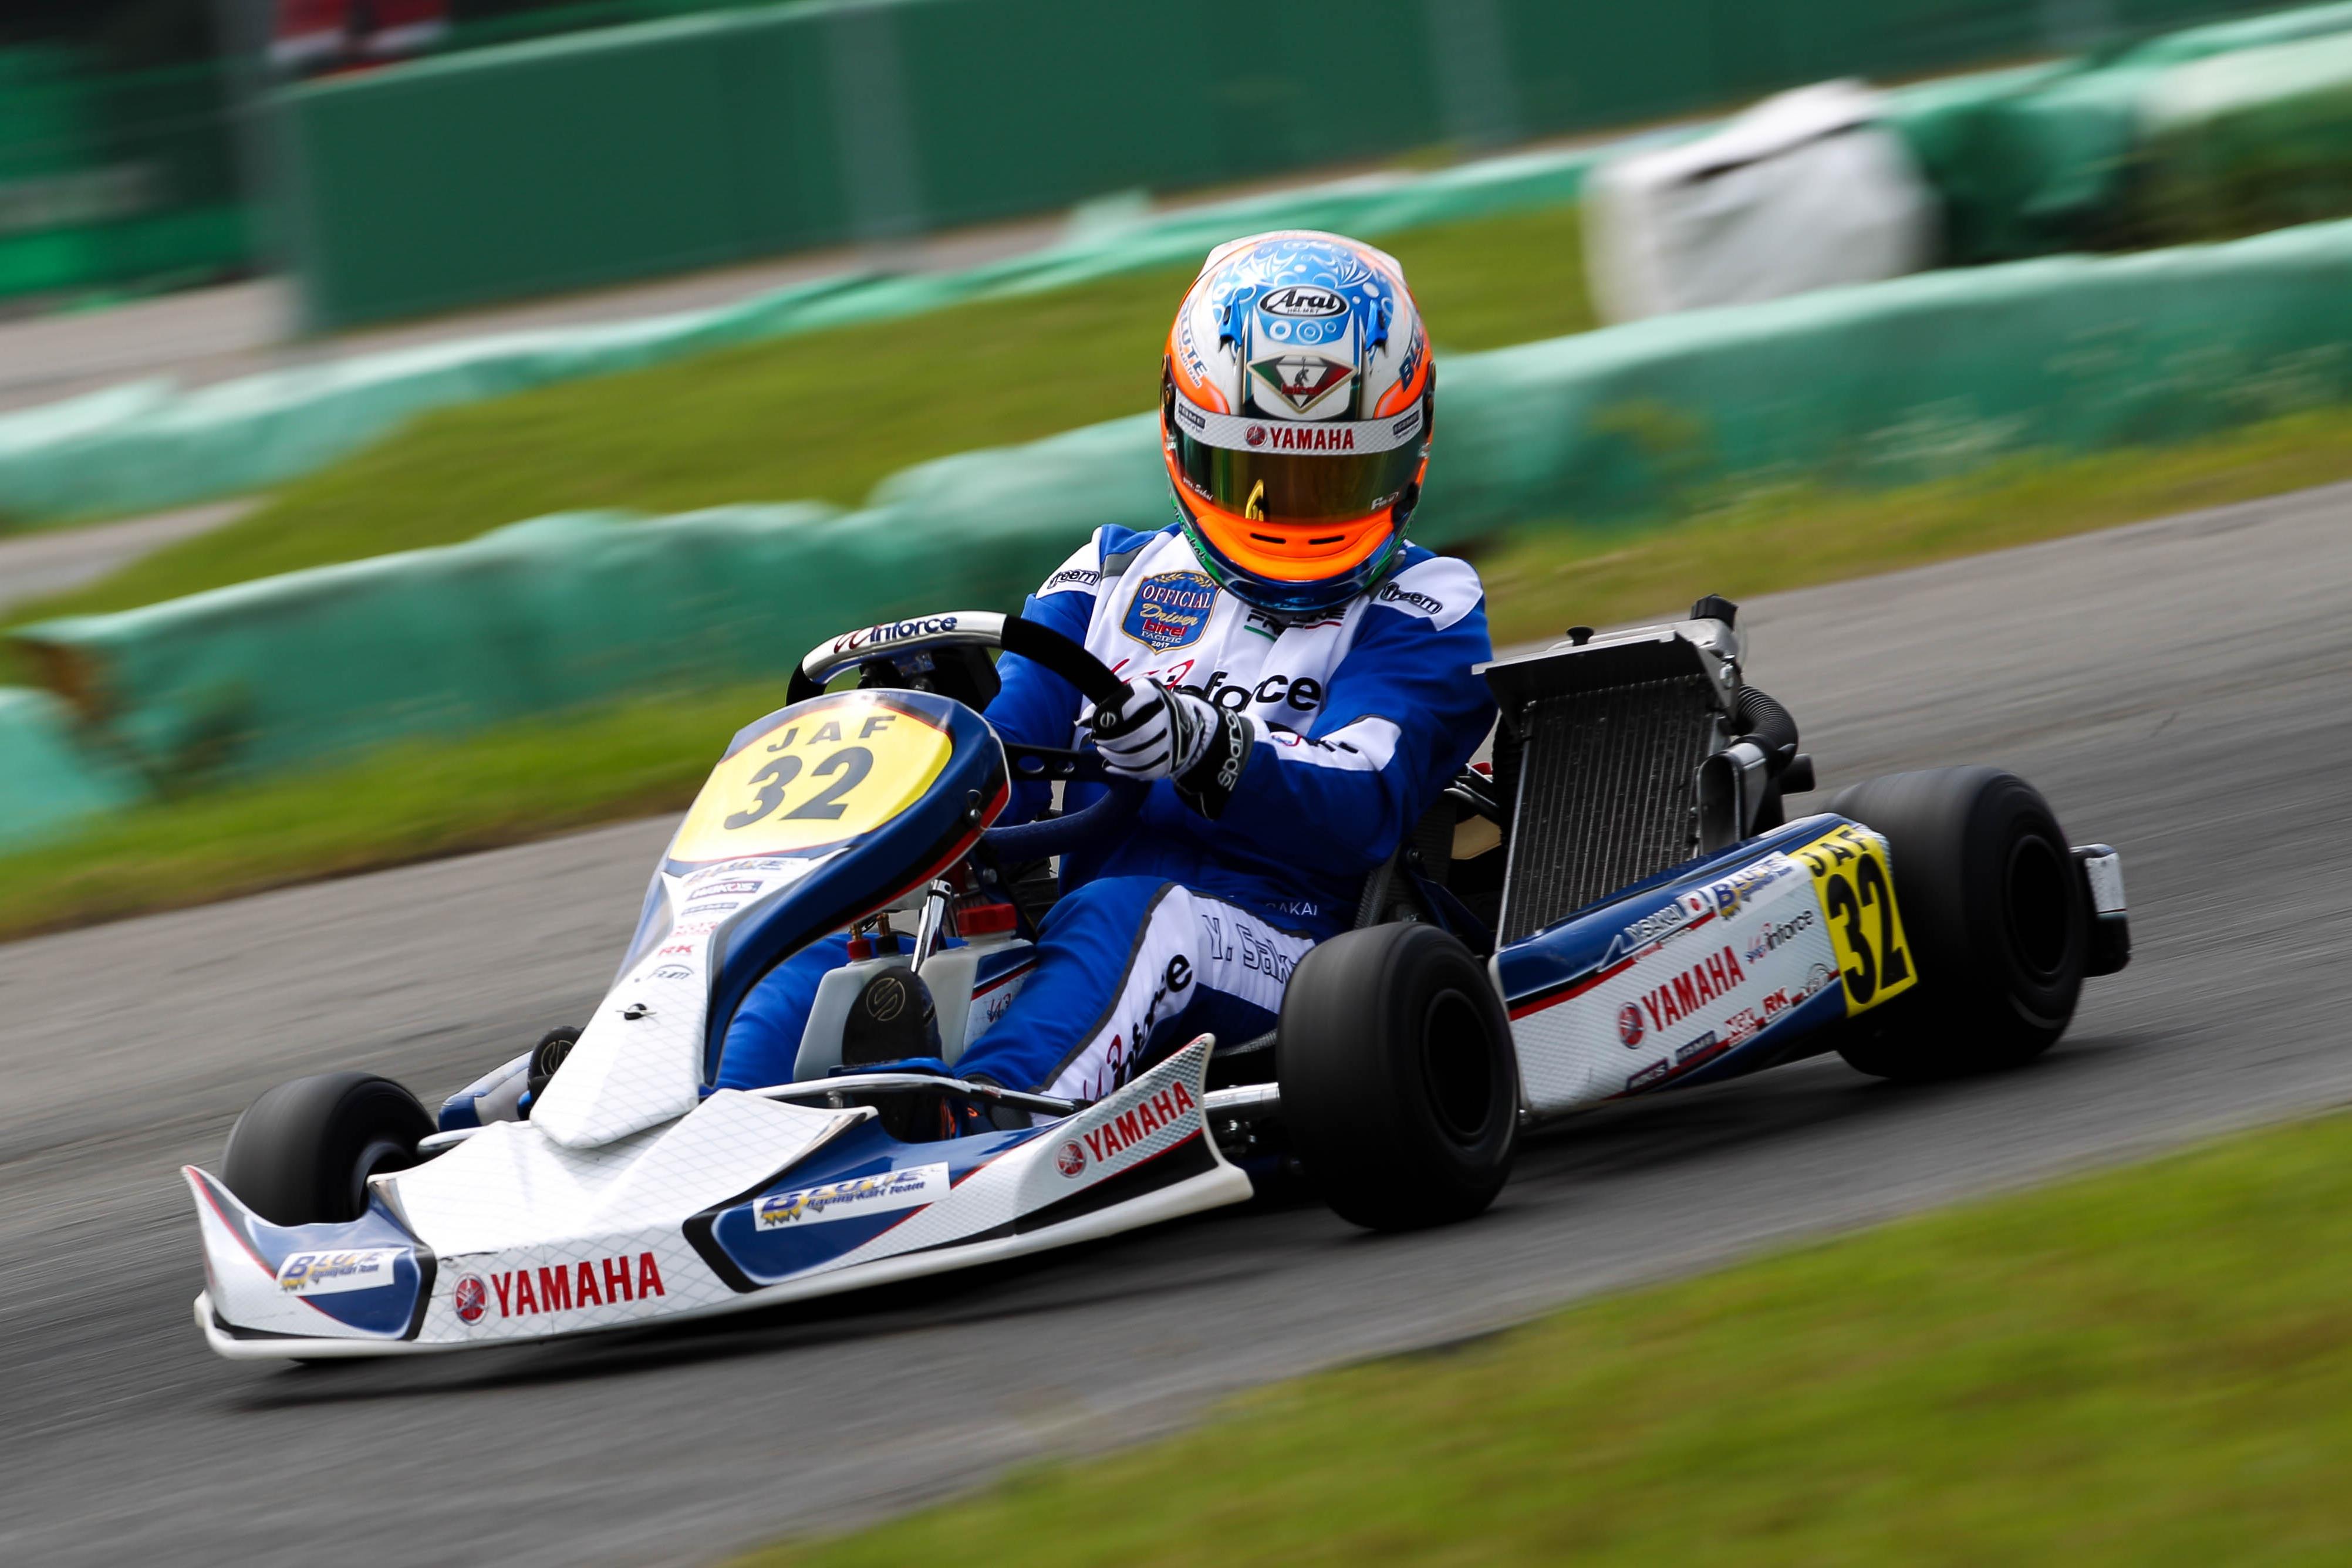 ヤマハ formula blue スカラシップ ドライバー募集のお知らせ カート